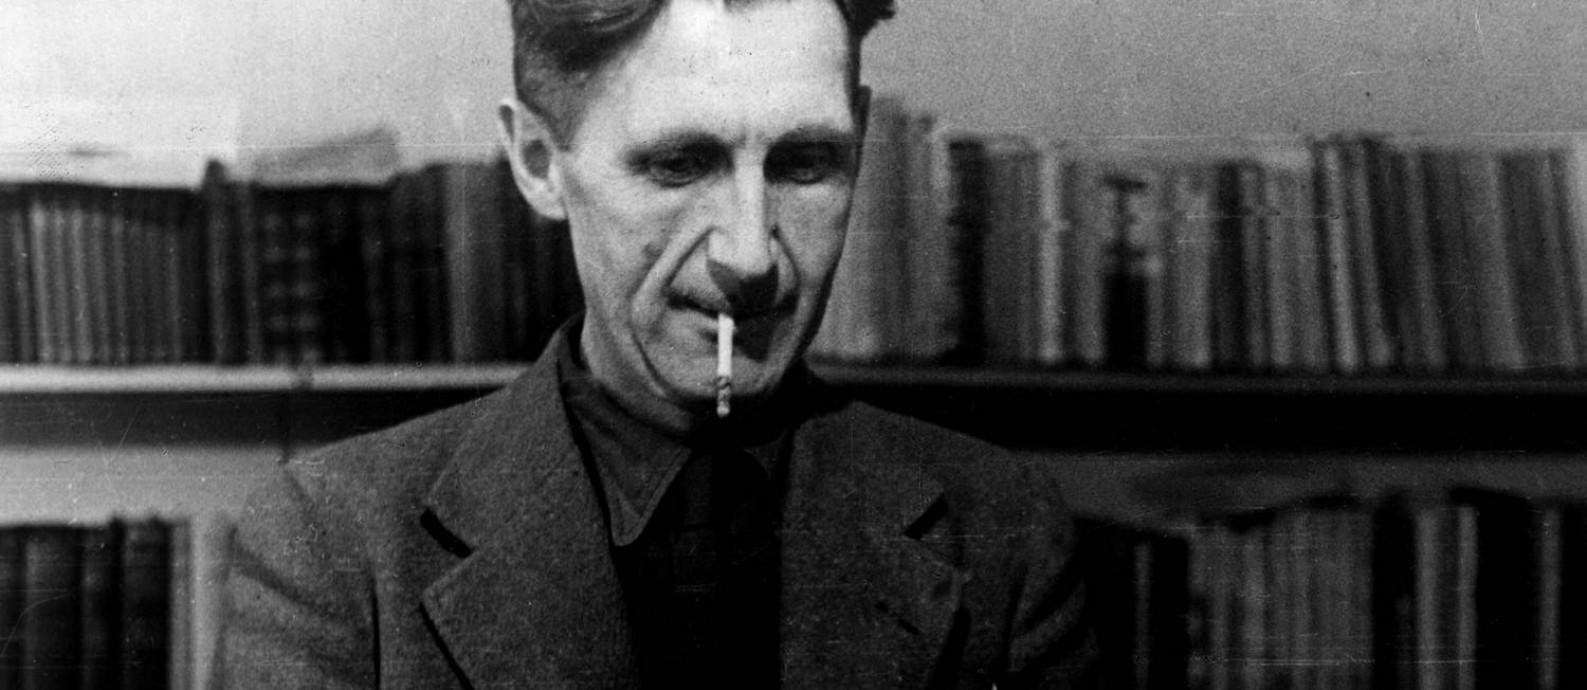 """George Orwell, autor de distopias que não saem da lista de mais vendidos, como """"A revolução dos bichos"""" e """"1984"""" Foto: Mondadori/Divulgação"""